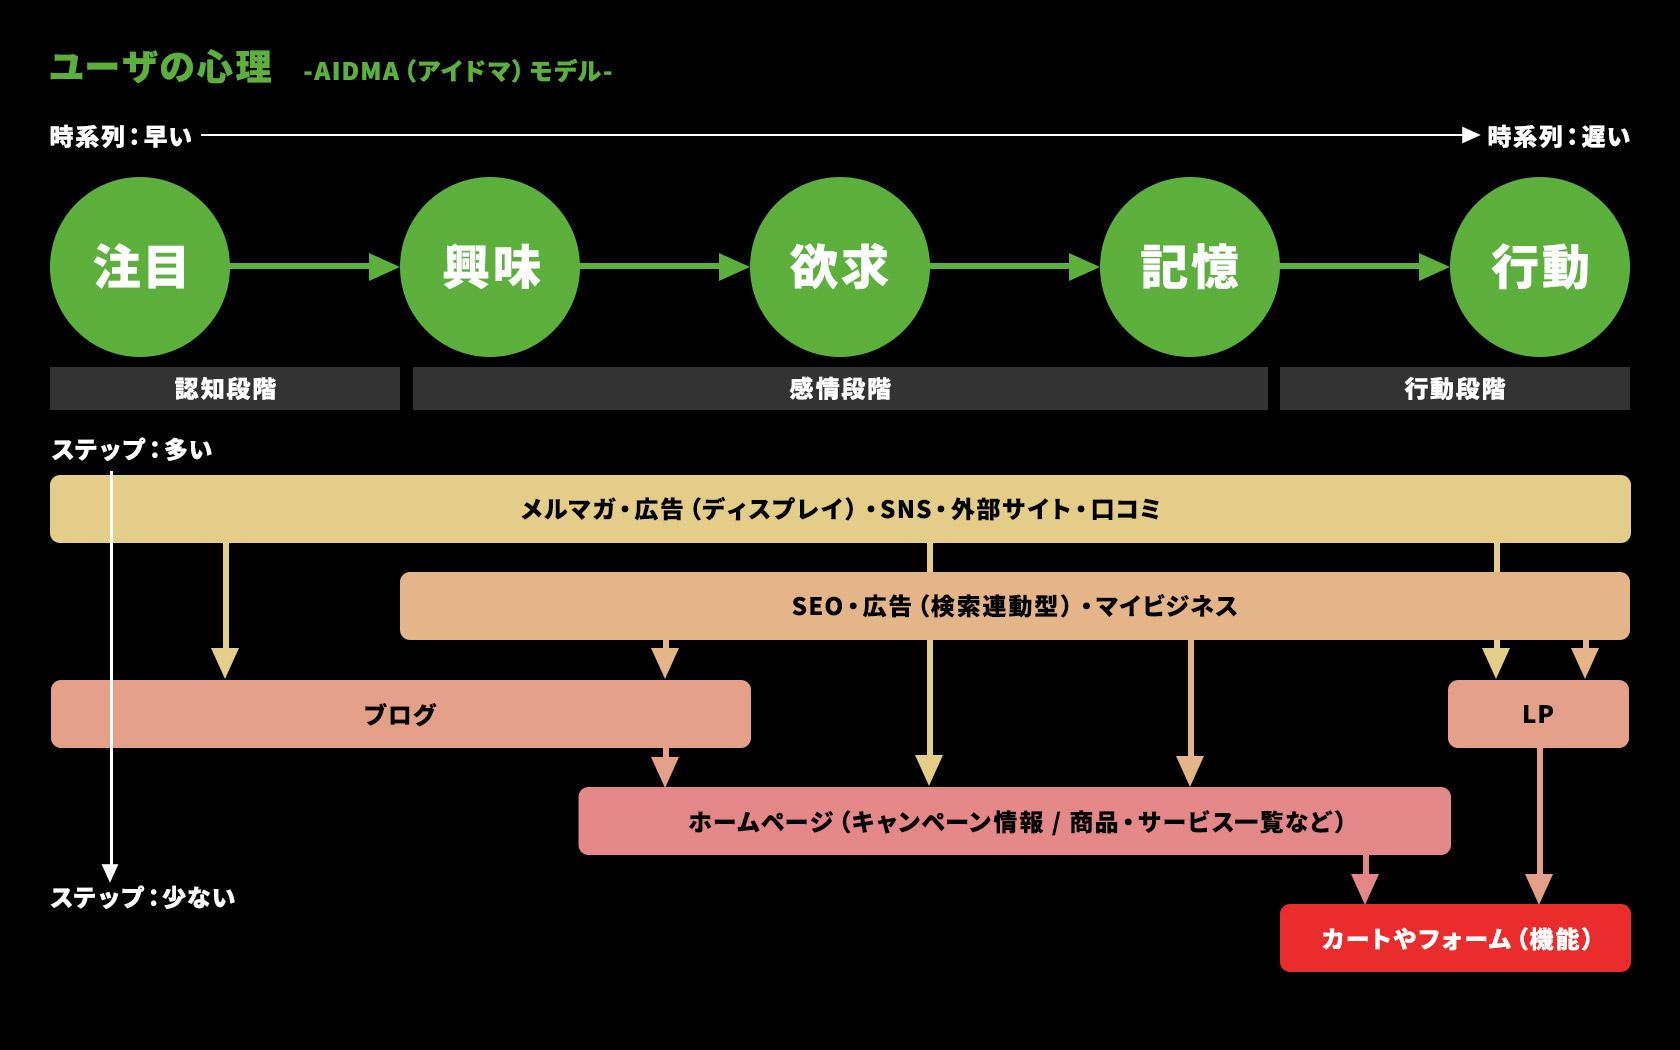 AIDMAモデルと応対するコンテンツ